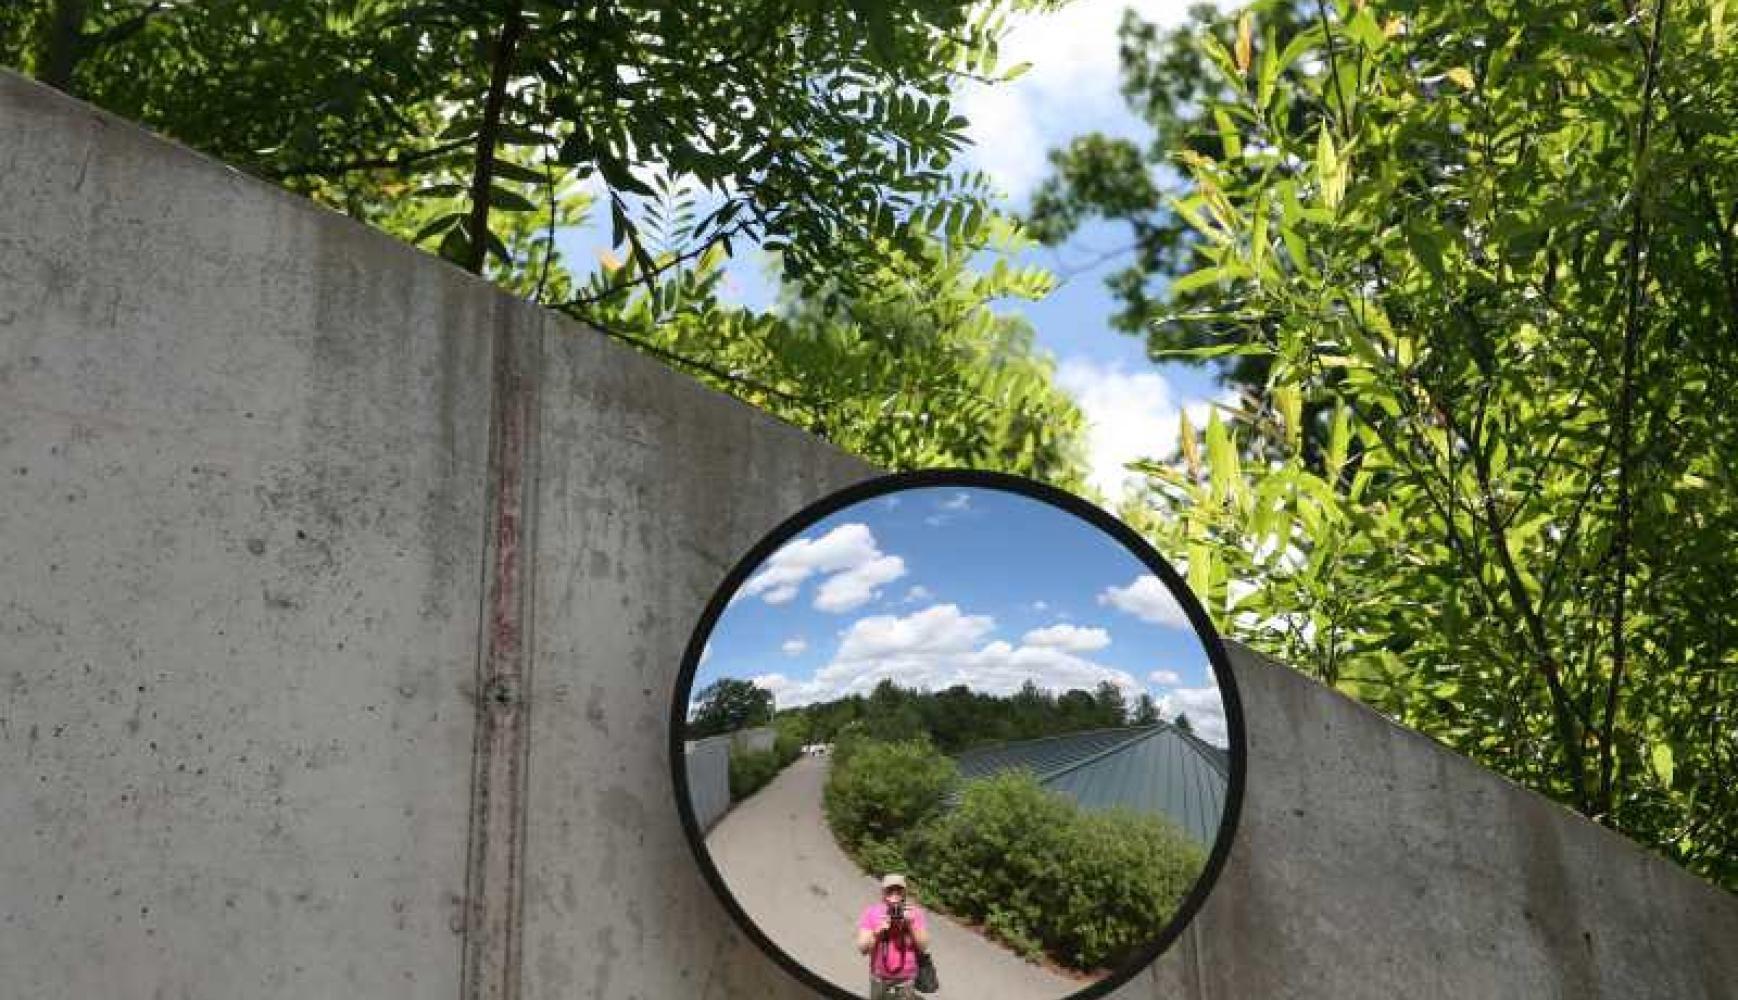 Espejos Convexos Concavos De Seguridad En Venezuela Espejo Convexo Espejos Espejo Concavo